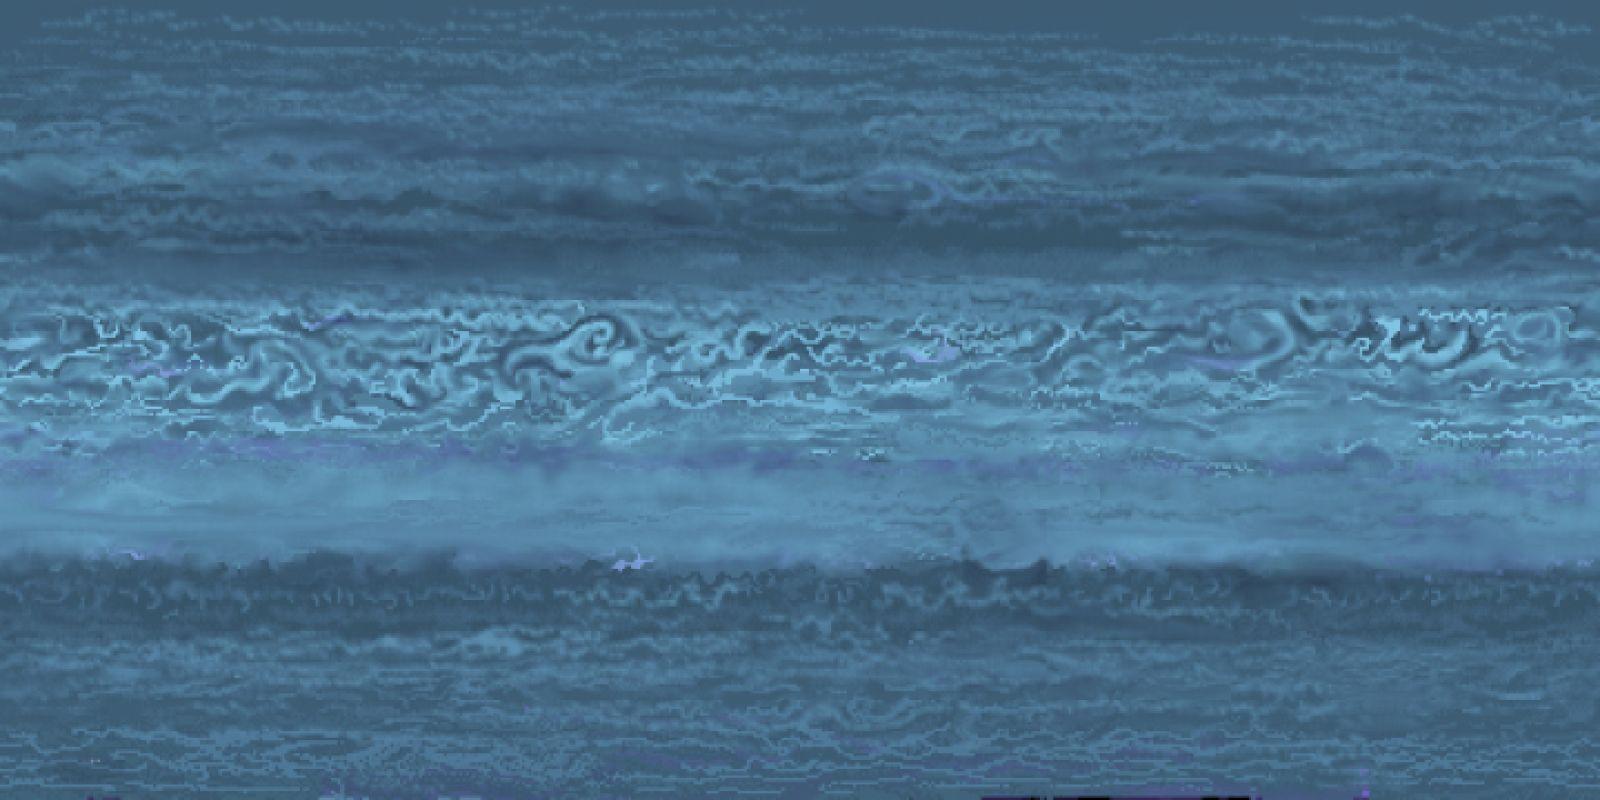 шторми на нептуні фото